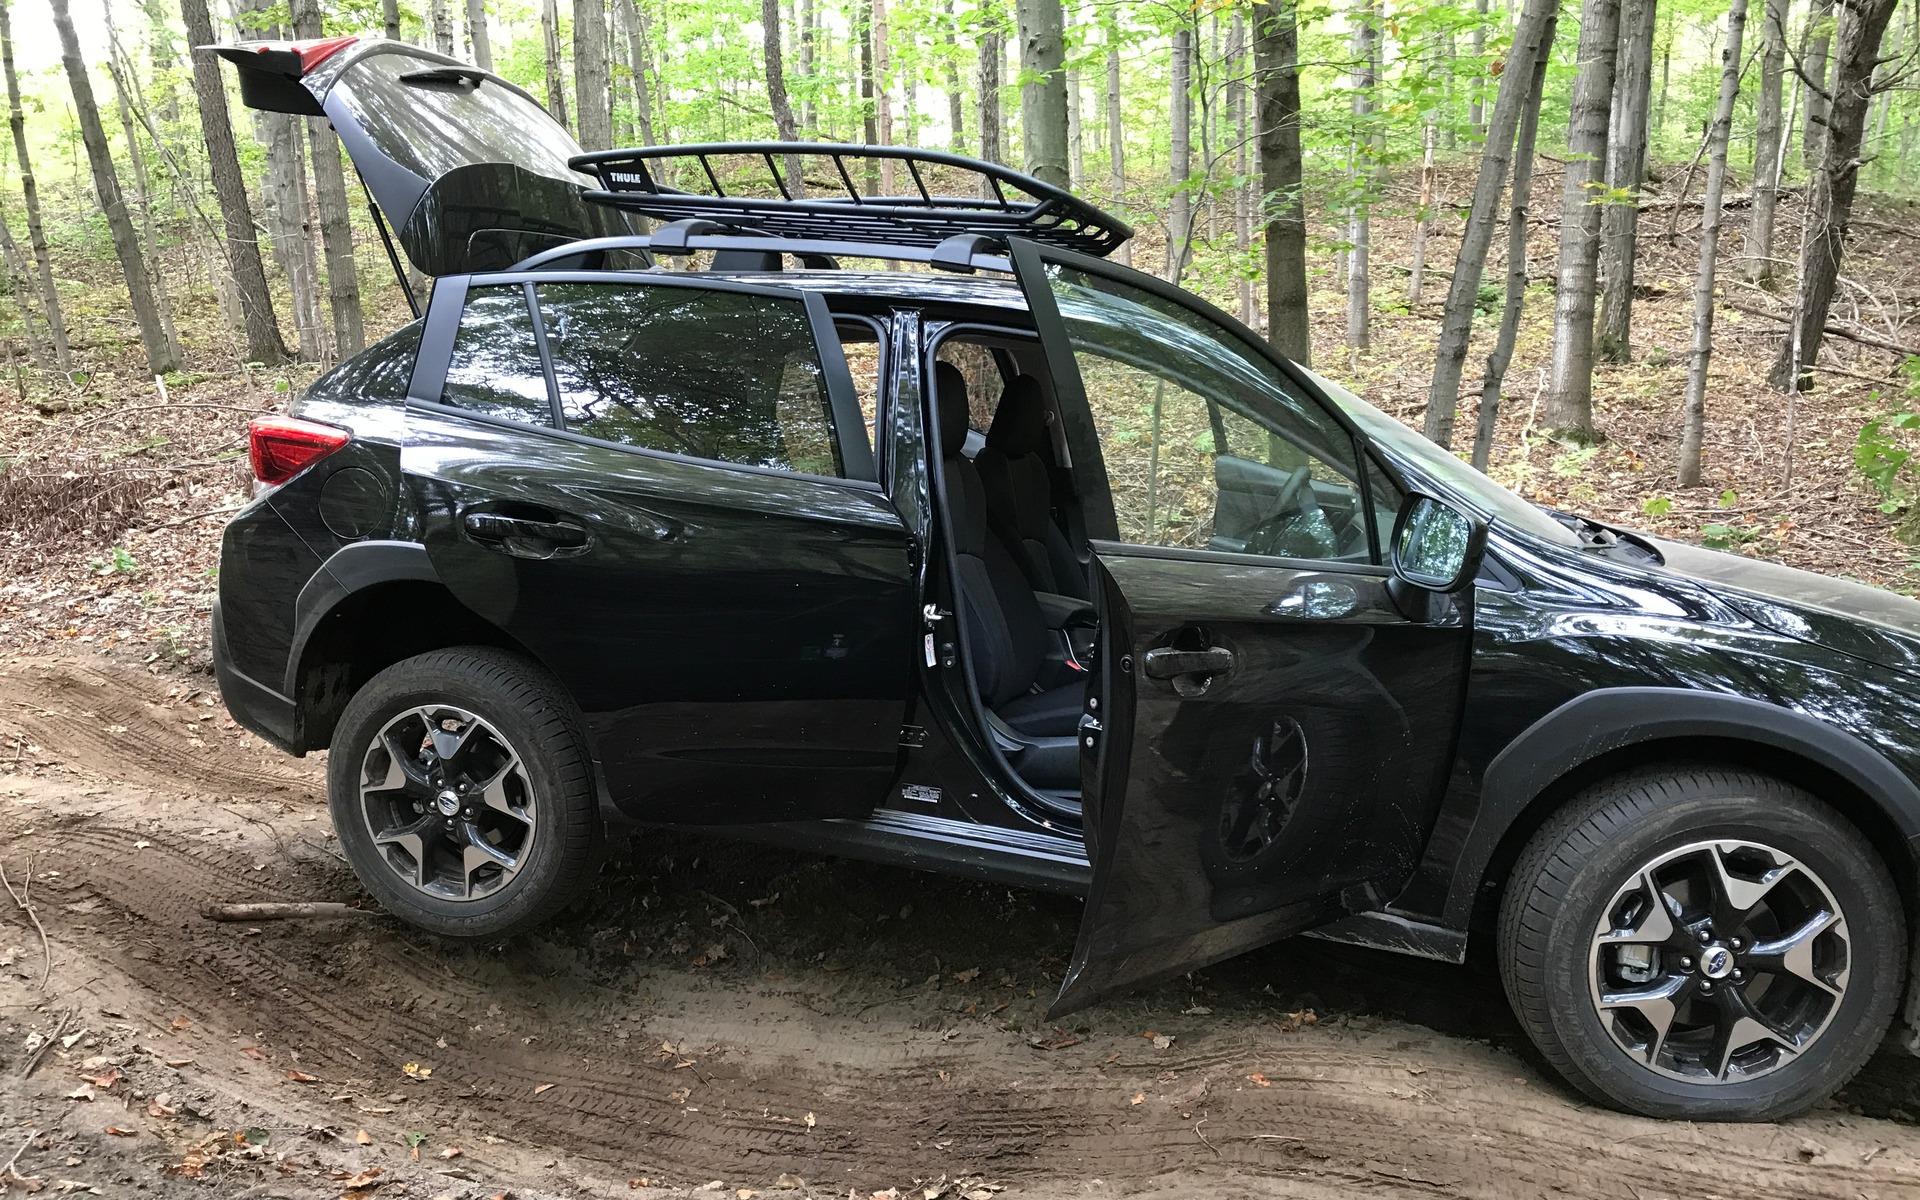 Subaru Crosstrek Off Road >> 2018 Subaru Outback Forester And Crosstrek Off Road On Point 5 10